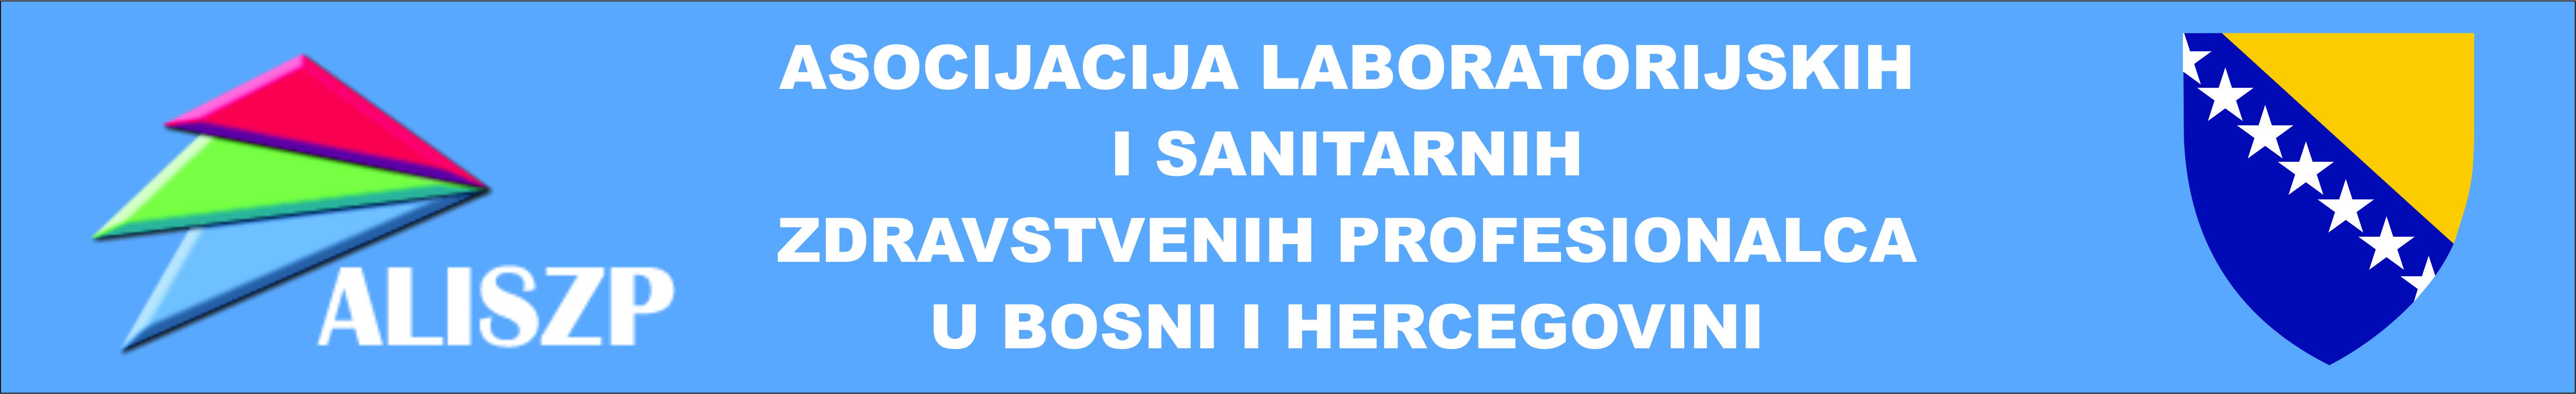 Asocijacija laboratorijskih i sanitarnih zdravstvenih profesionalaca BiH